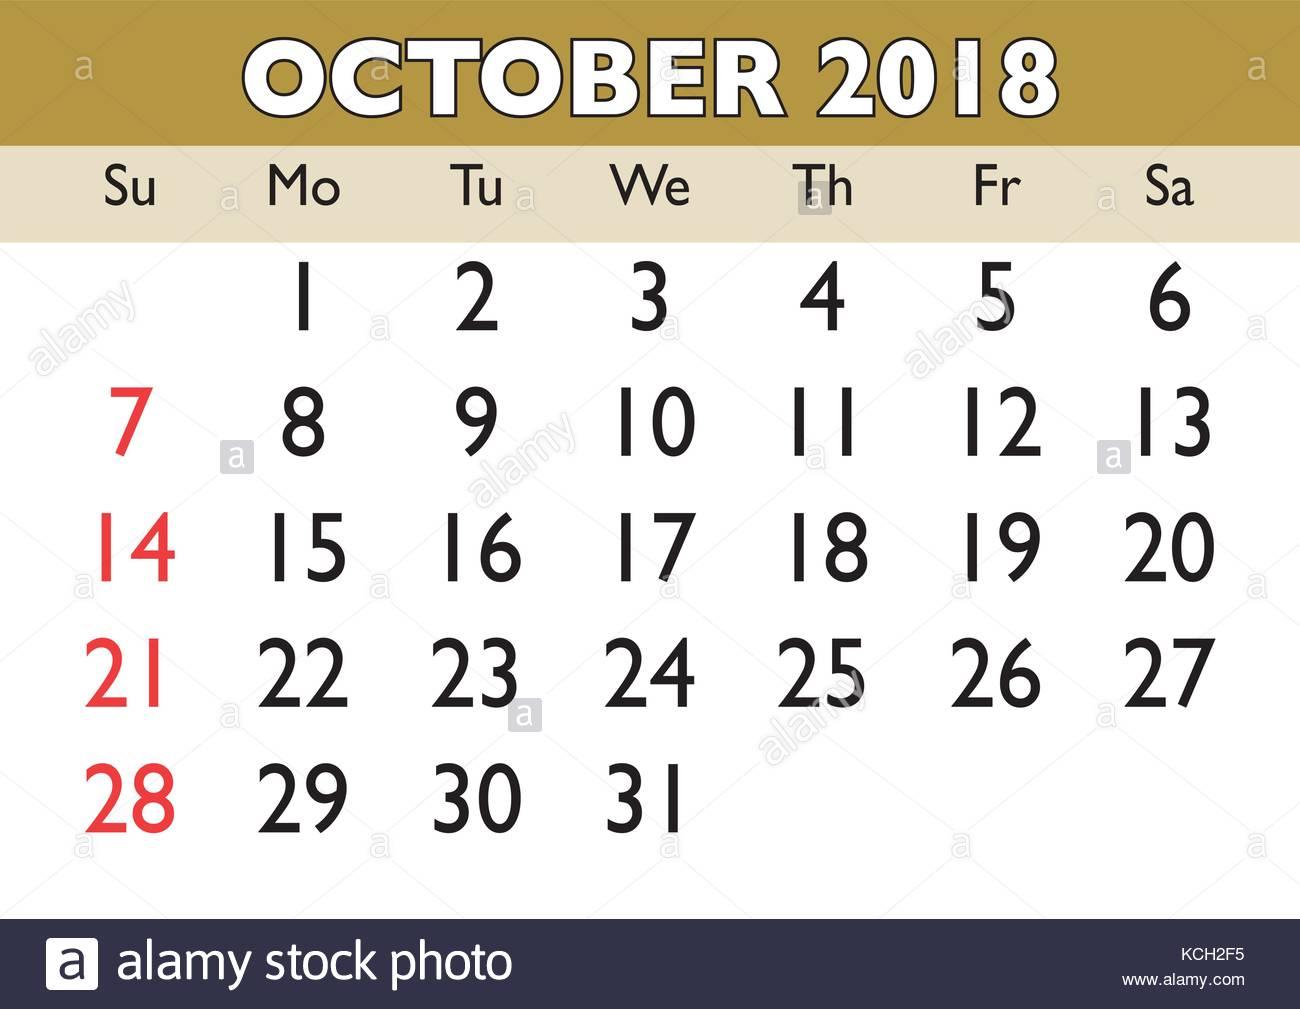 october printable calendar 2018